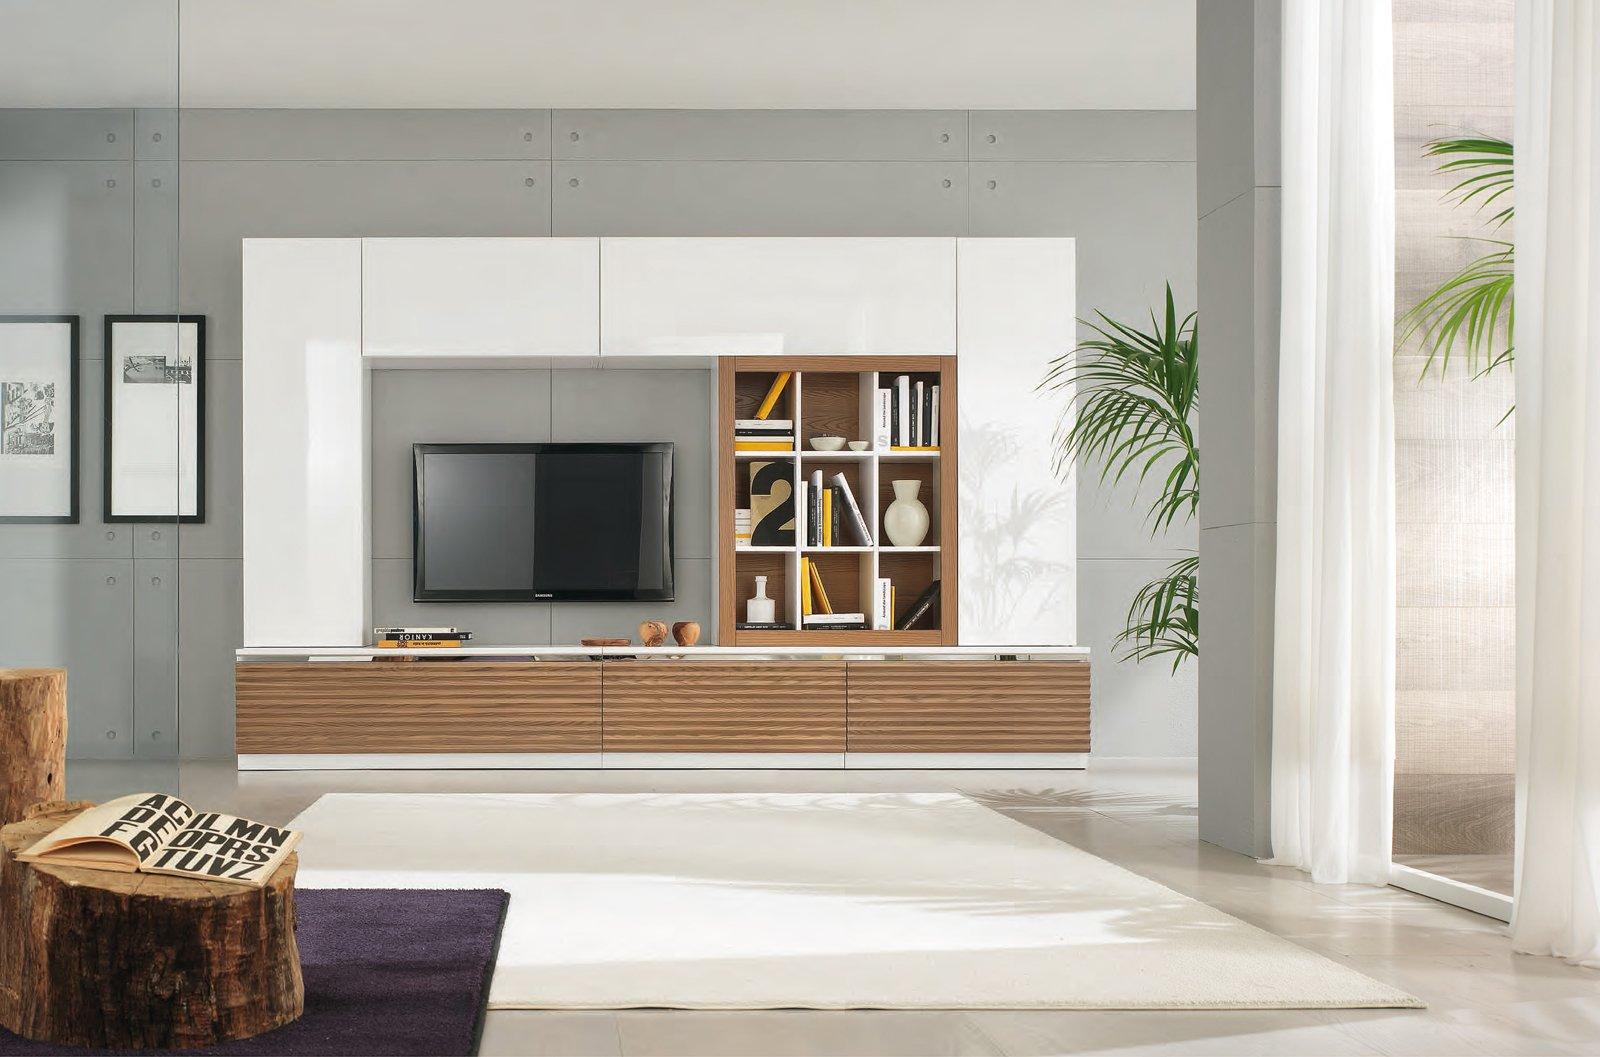 ... ad una ad una per dare pareti divisorie soggiorno cucina in legno